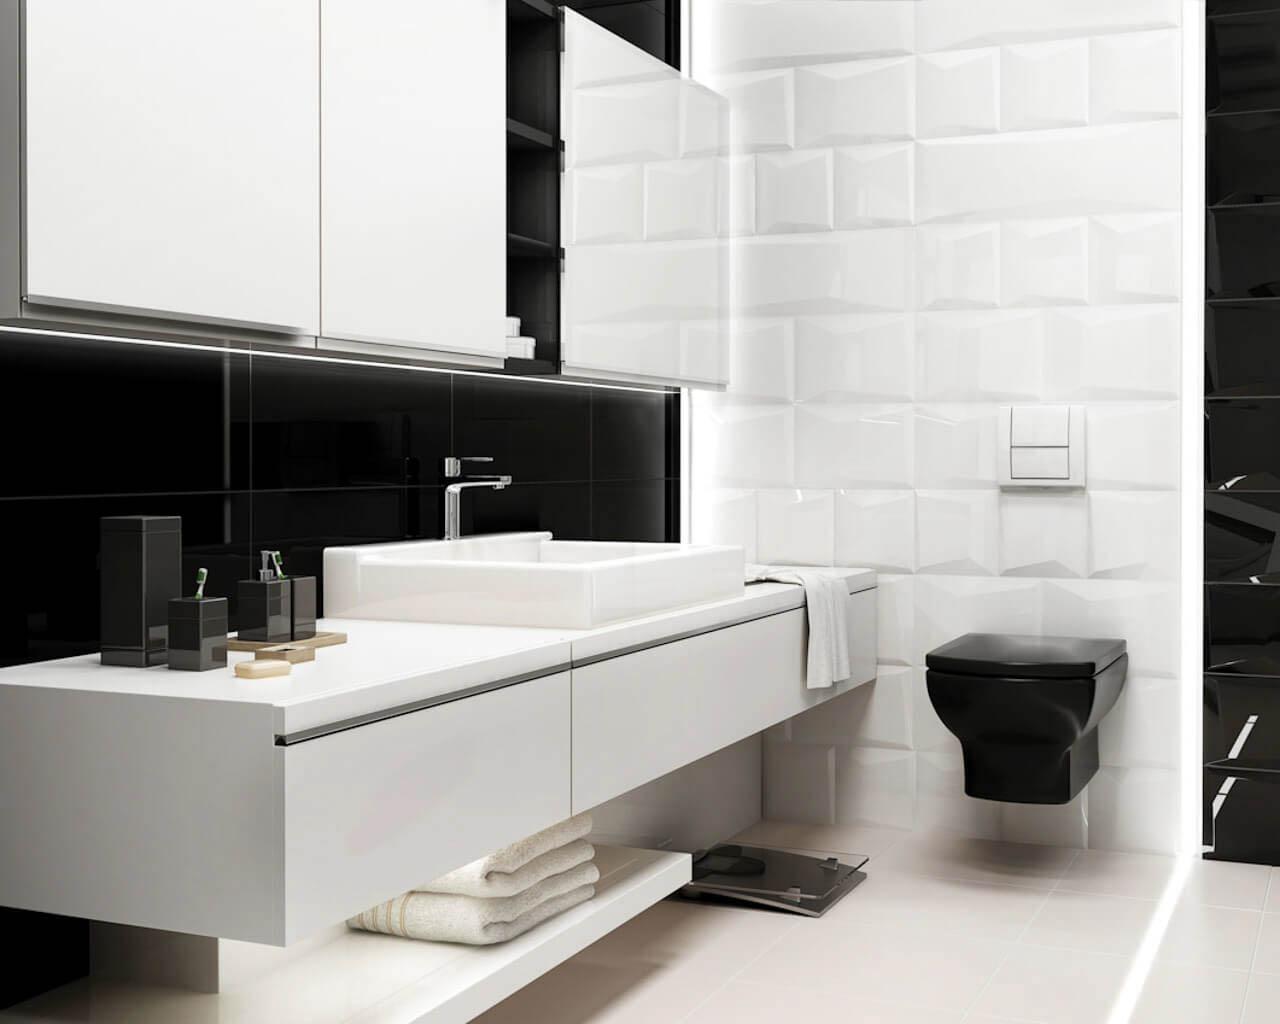 Biel, czerń i struktura w niedużej, minimalistycznej łazience